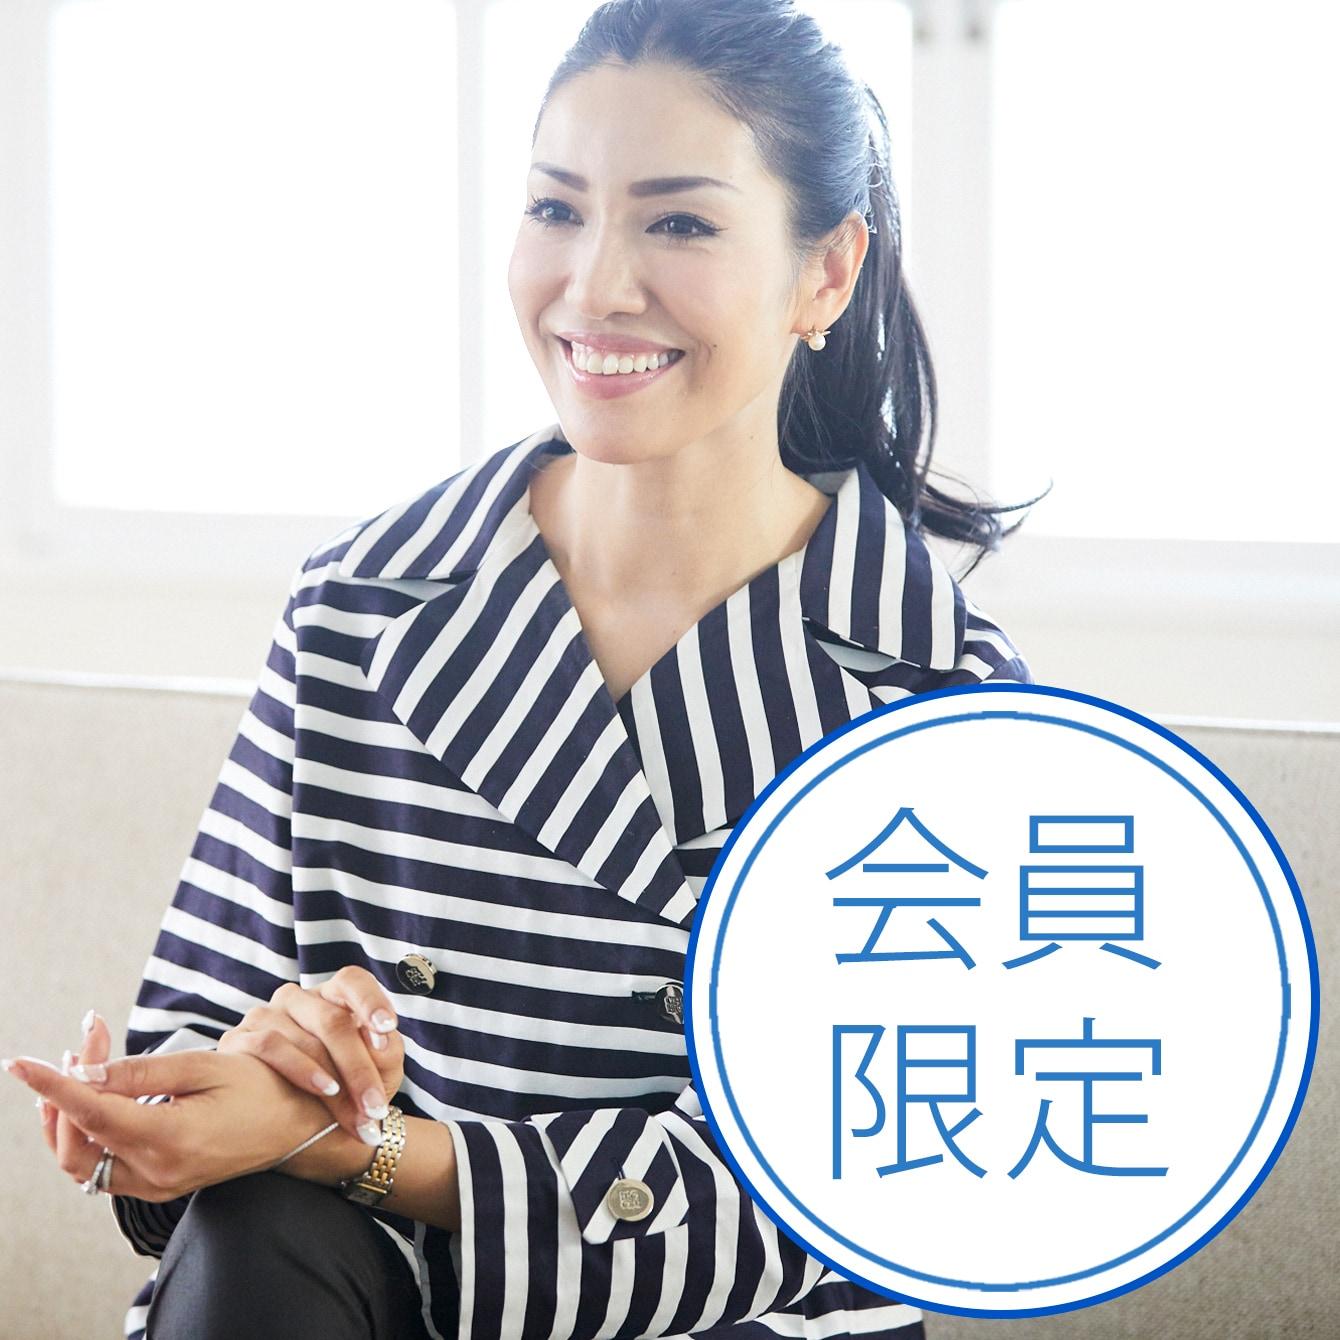 【アンミカさん インタビュー】悩んだときの羅針盤は、ワクワクする気持ち! 前編